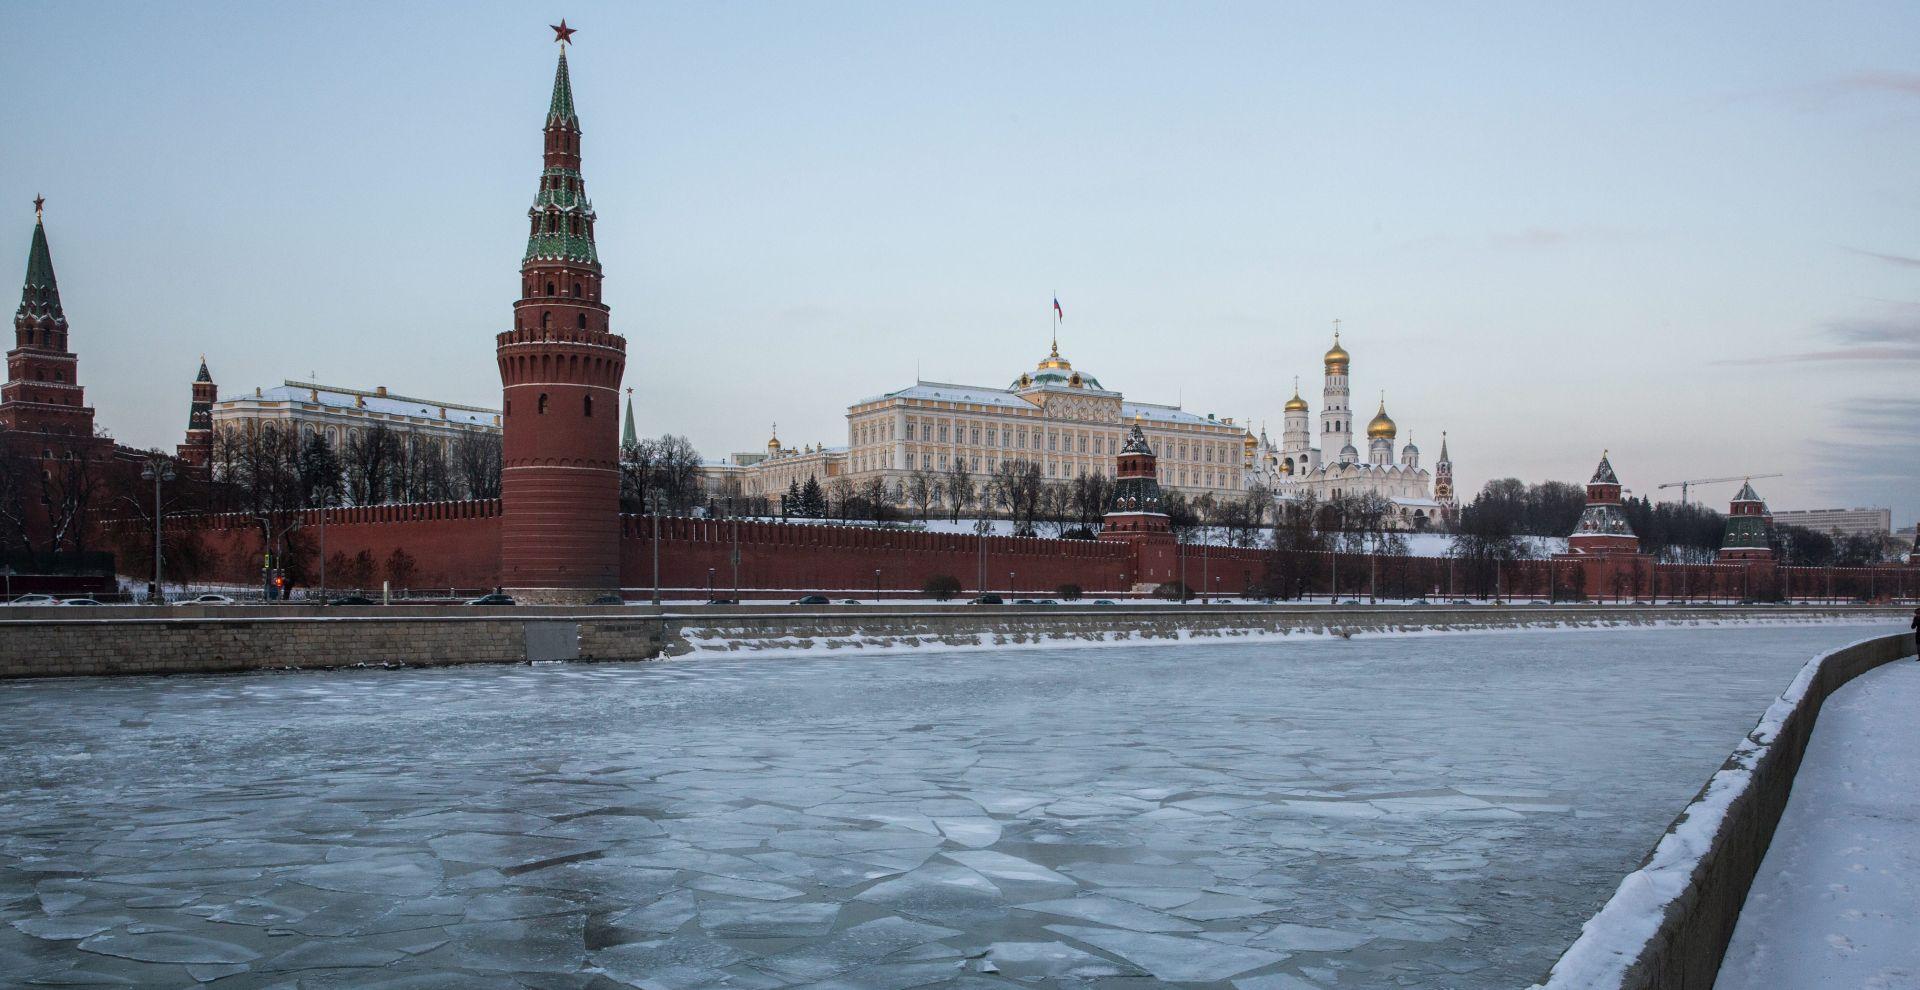 Rusija poriče radioaktivno onečišćenje, ali ne daje odgovore